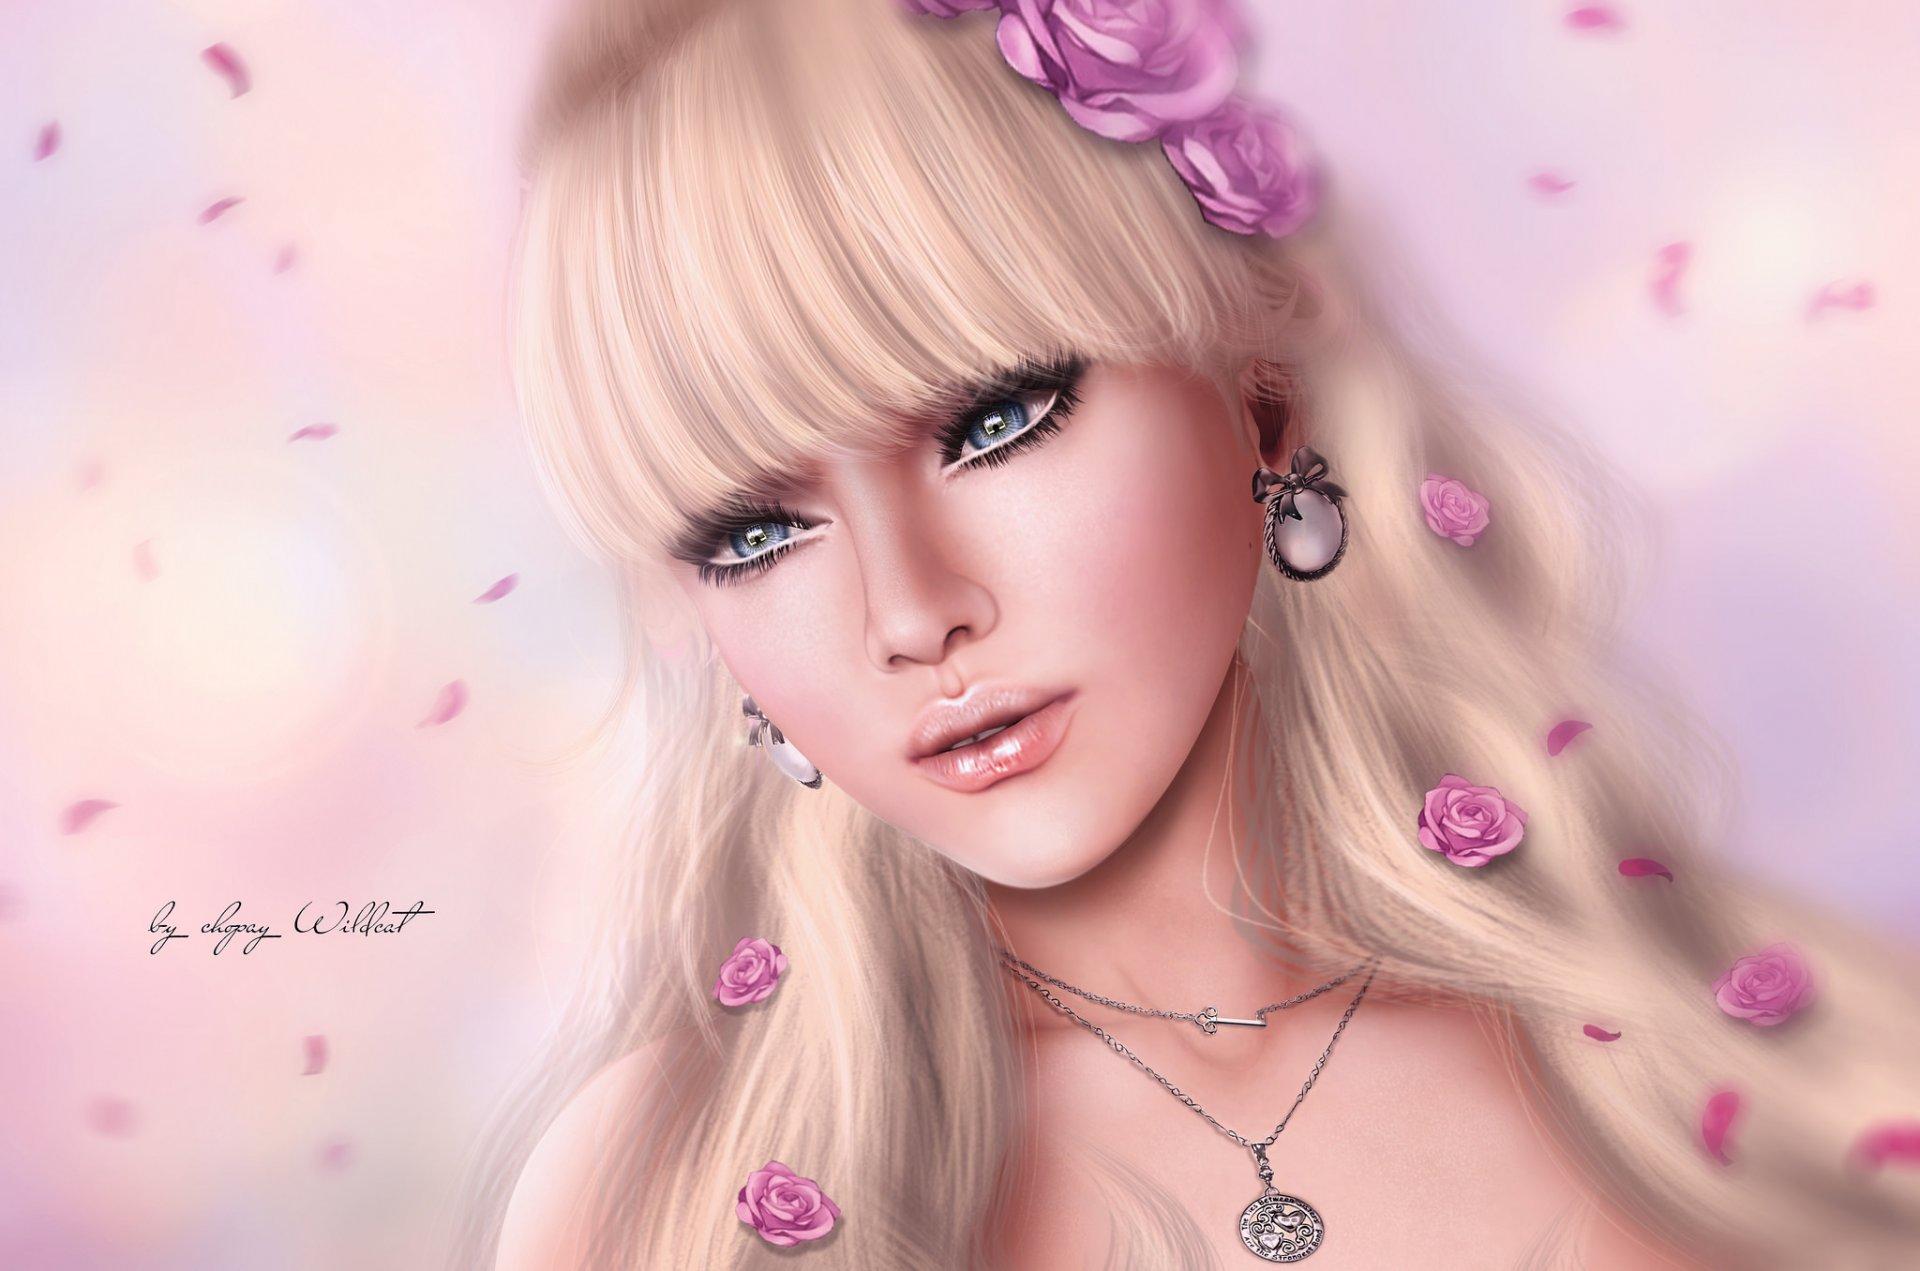 Картинки красивых девочек нарисованные очень красиво